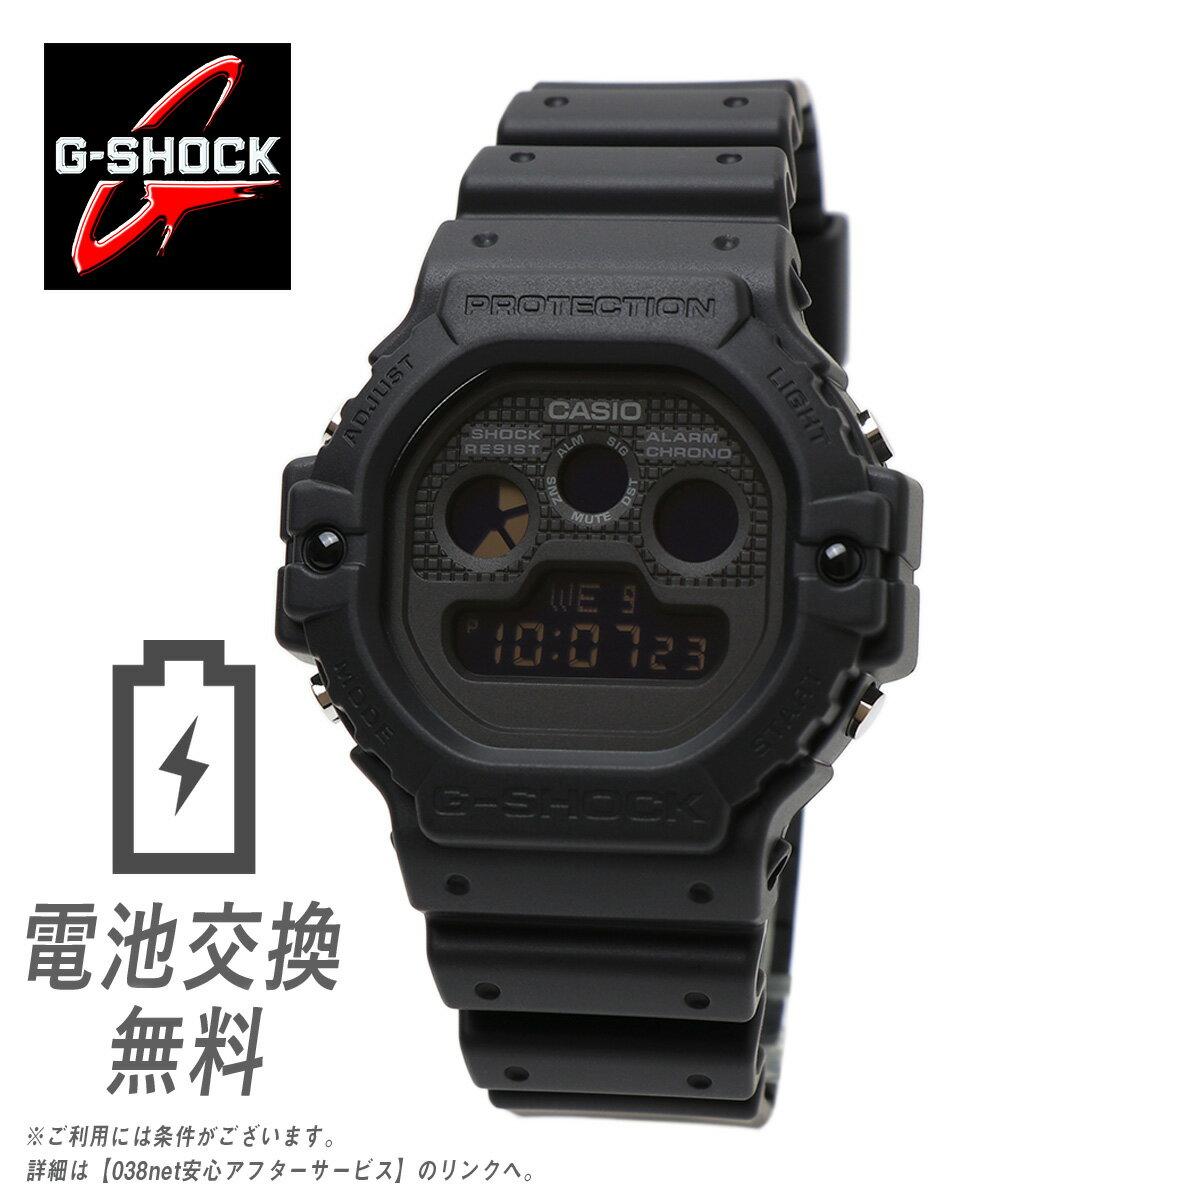 腕時計, メンズ腕時計 CASIO G GSHOCK DW-5900BB-1 3 5900 ORIGIN octagon